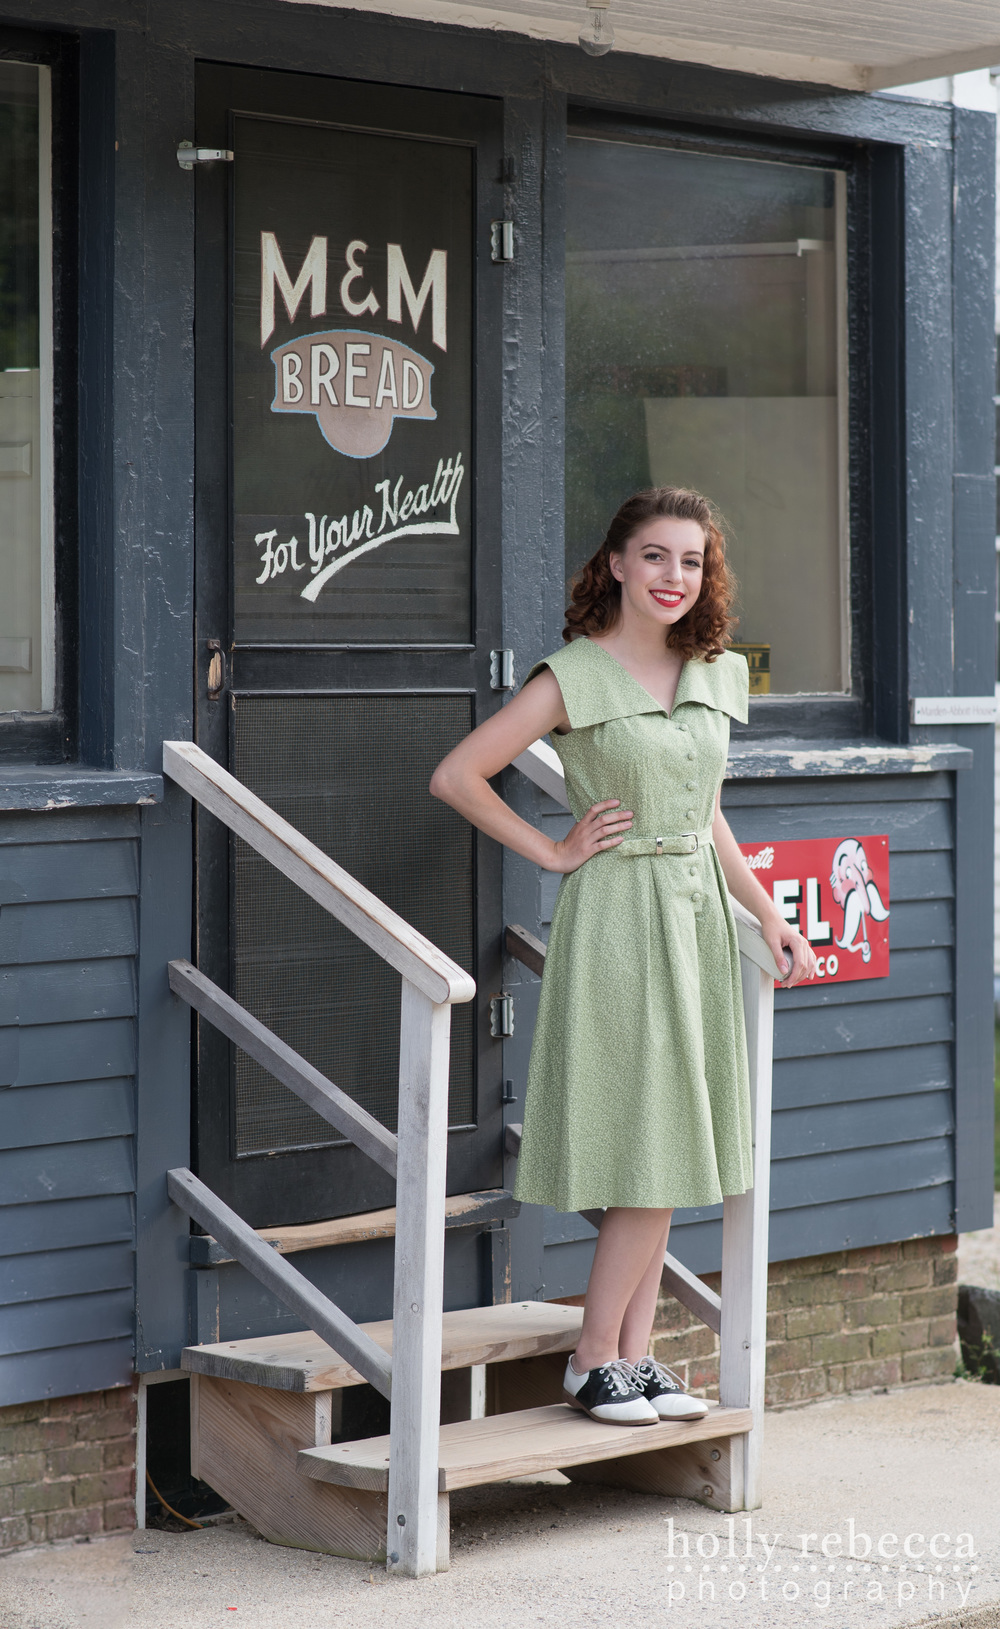 Dorothy Holt - Abbott Store 1943